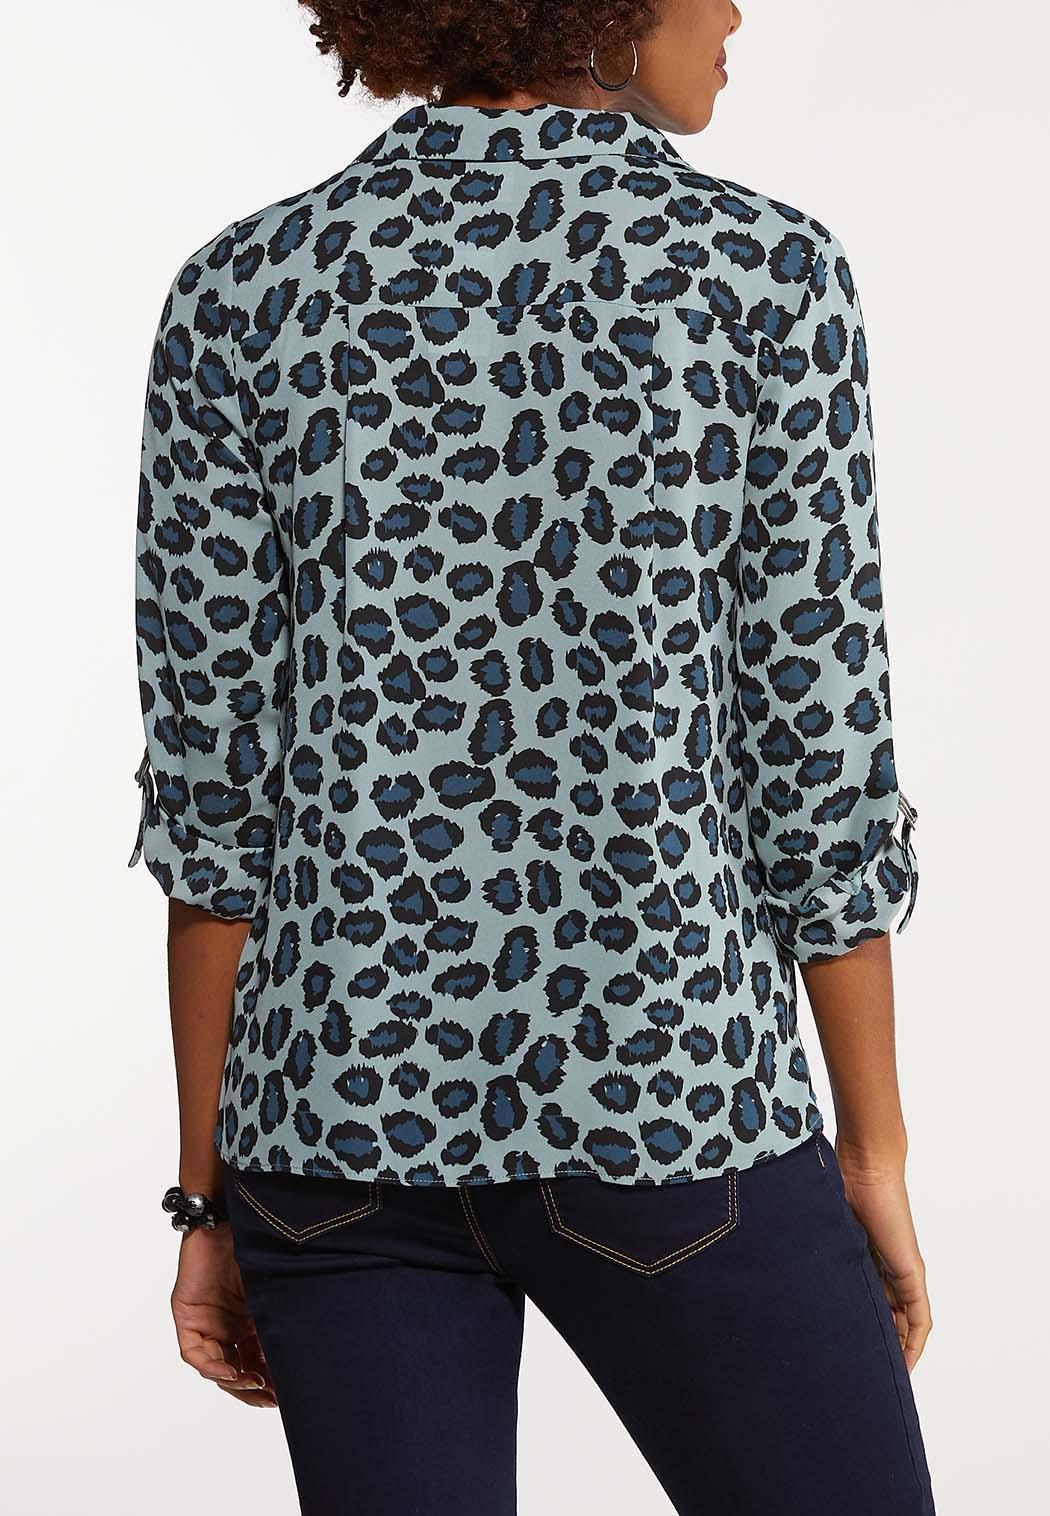 Plus Size Blue Gray Leopard Top (Item #44068134)